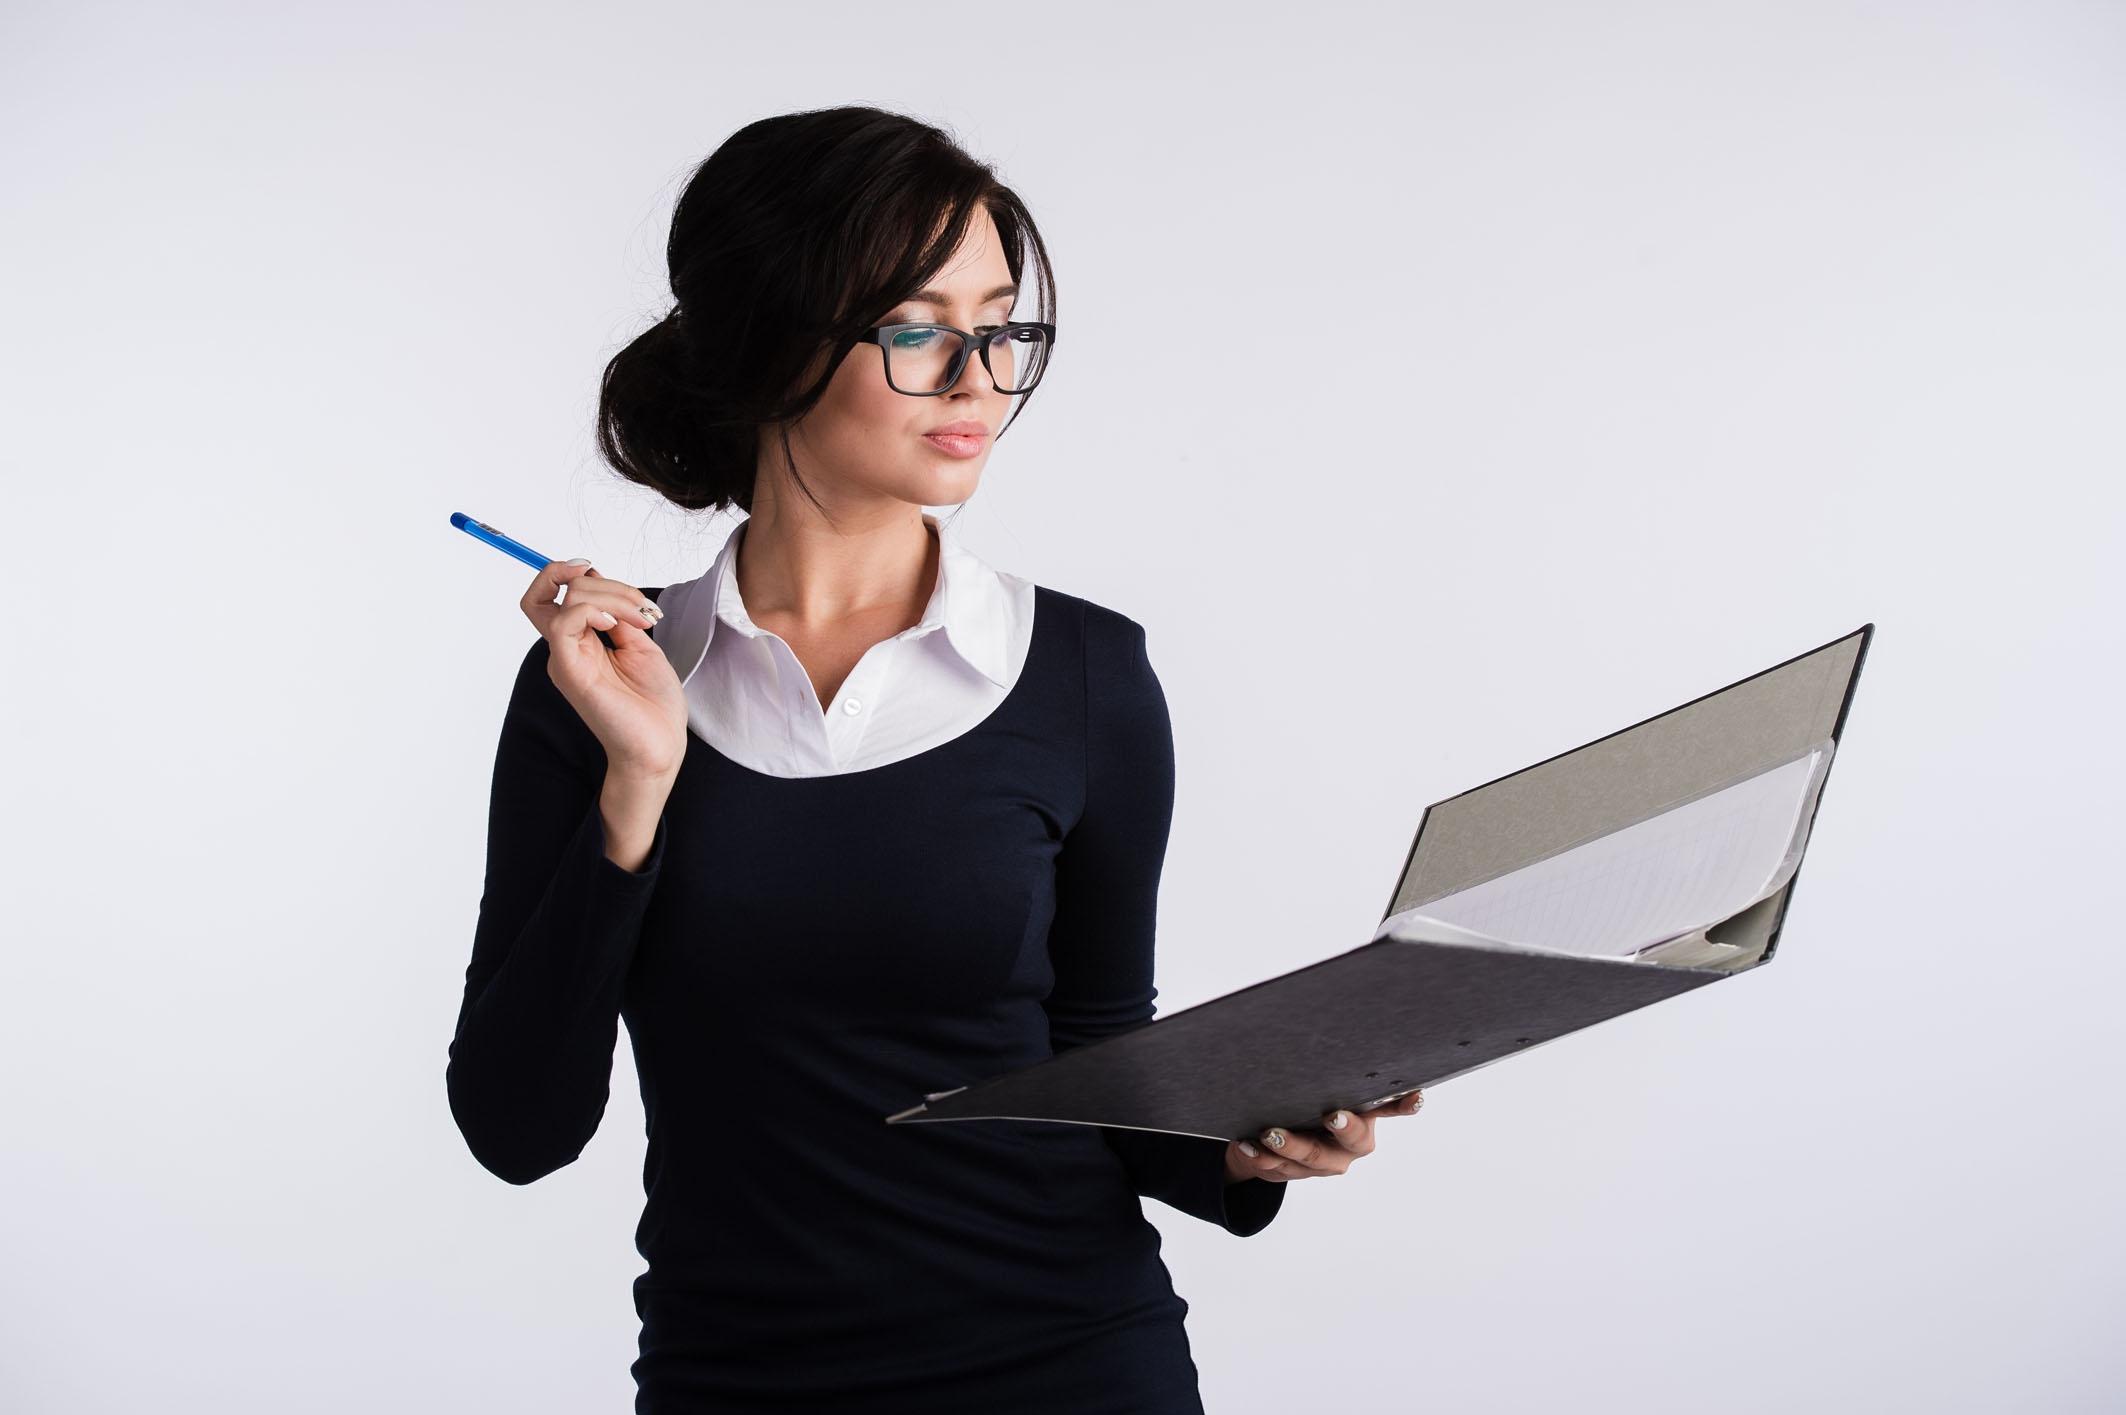 6 dingen die succesvolle mensen doen op het einde van de werkdag